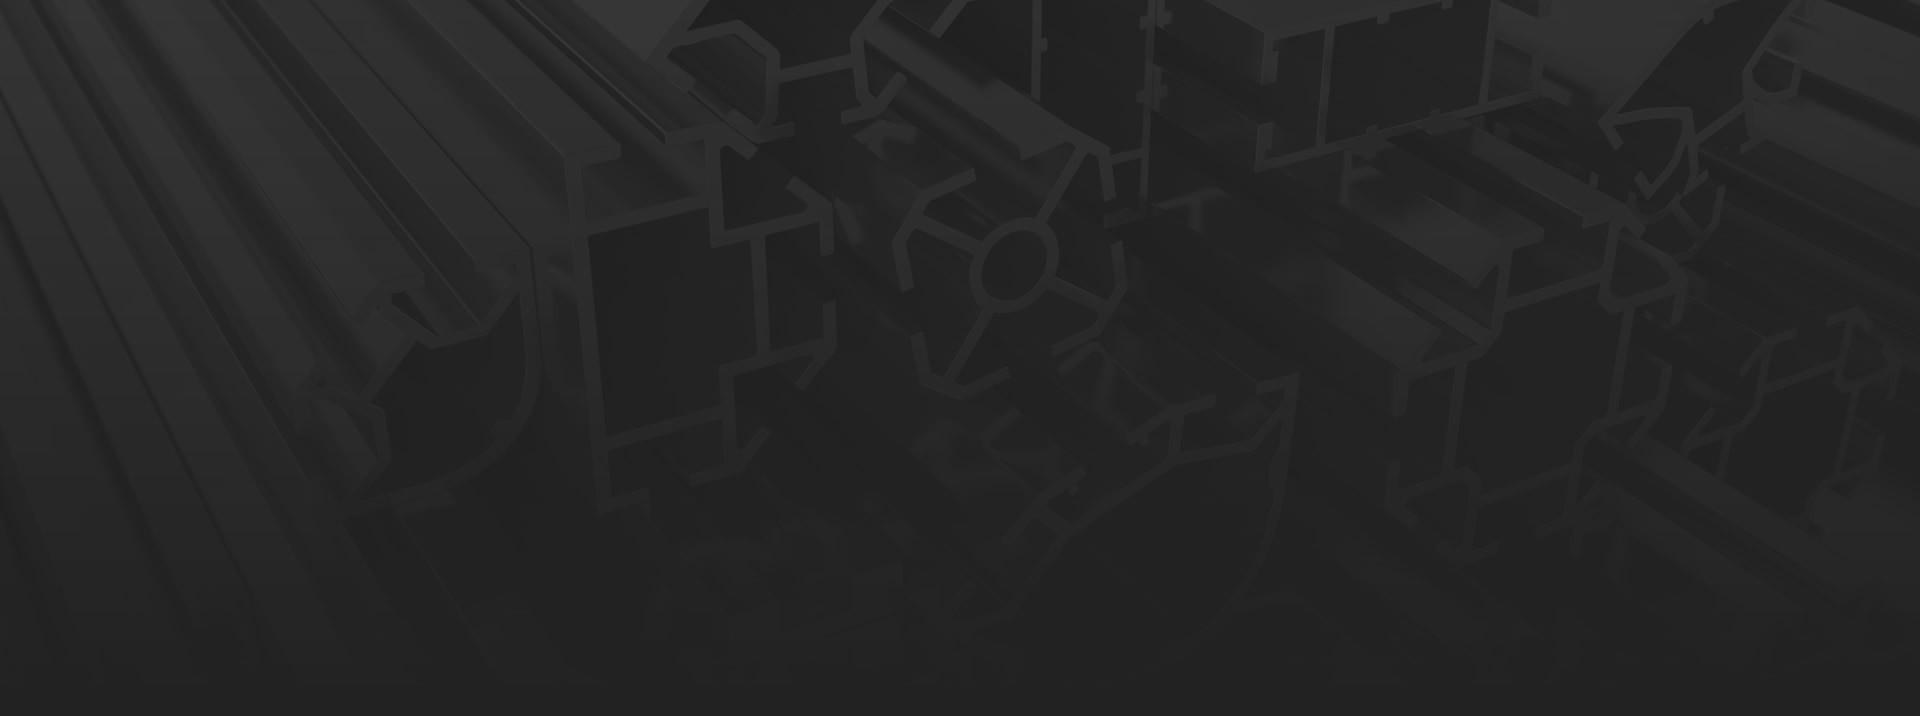 Emmegisoft Slide News 02 es